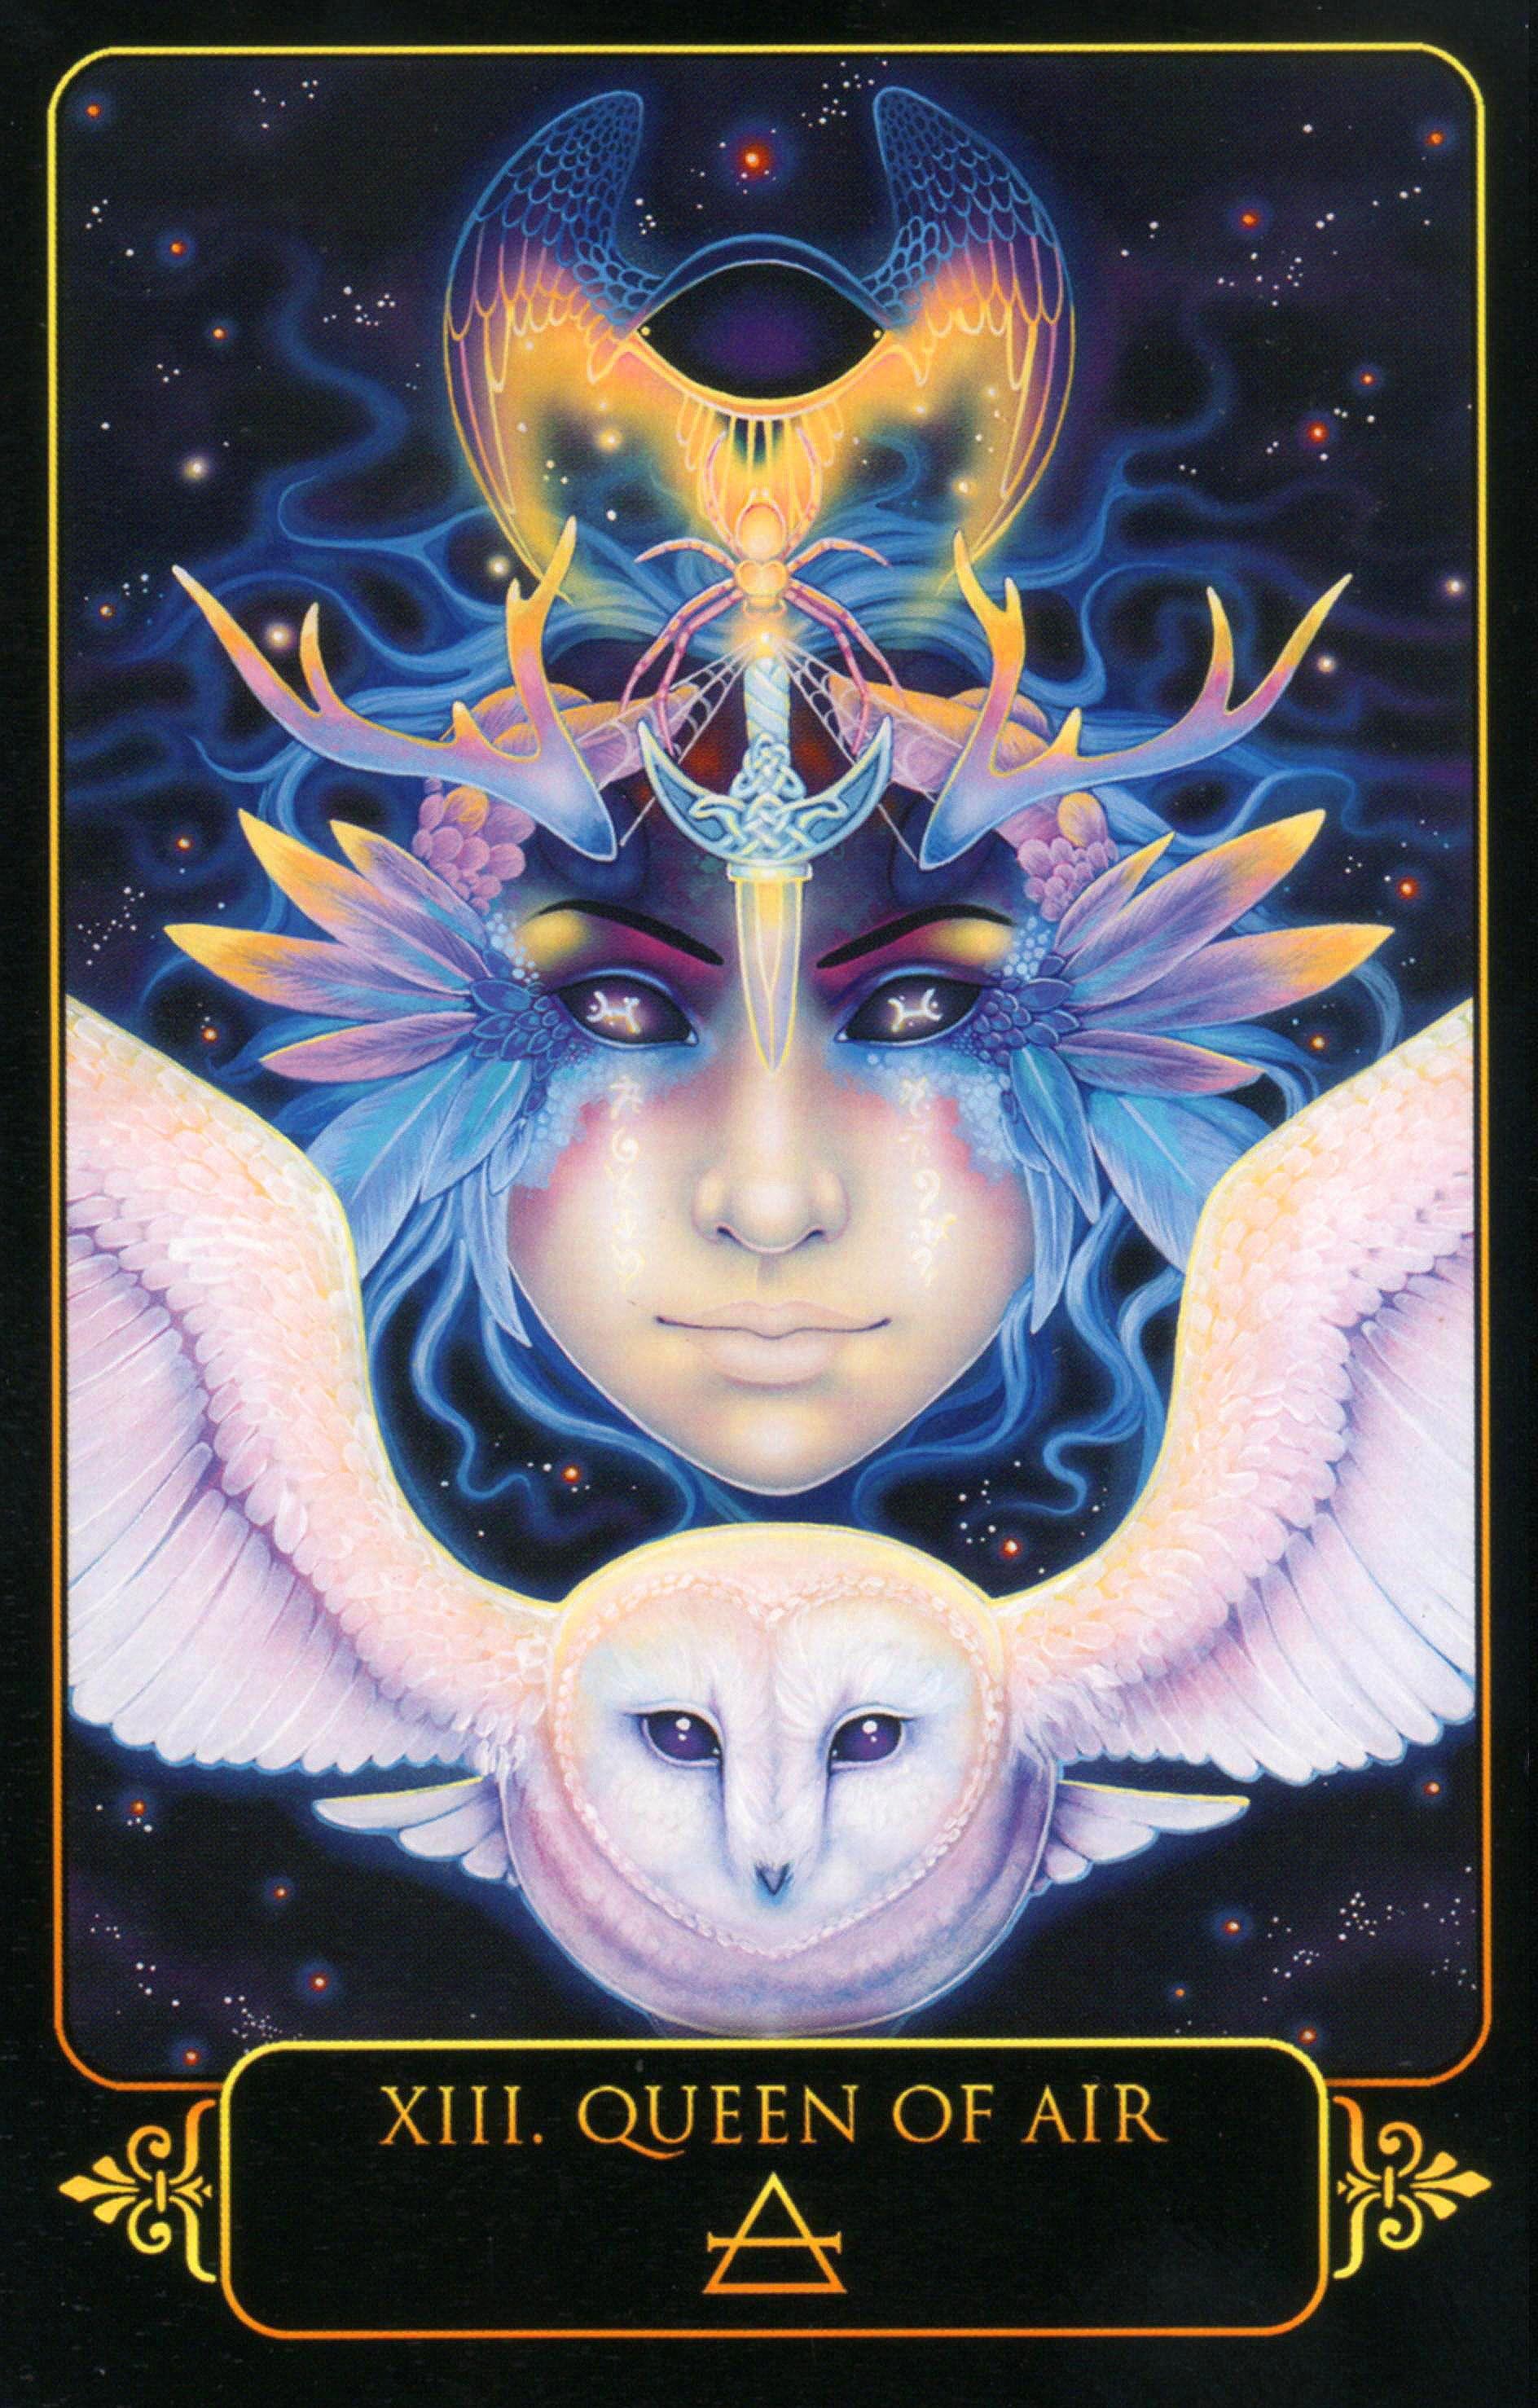 Queen Of Air Dreams Of Gaia Tarot By Ravynne Phelan Tarotcards Tarot Cards Art Tarot Art Art